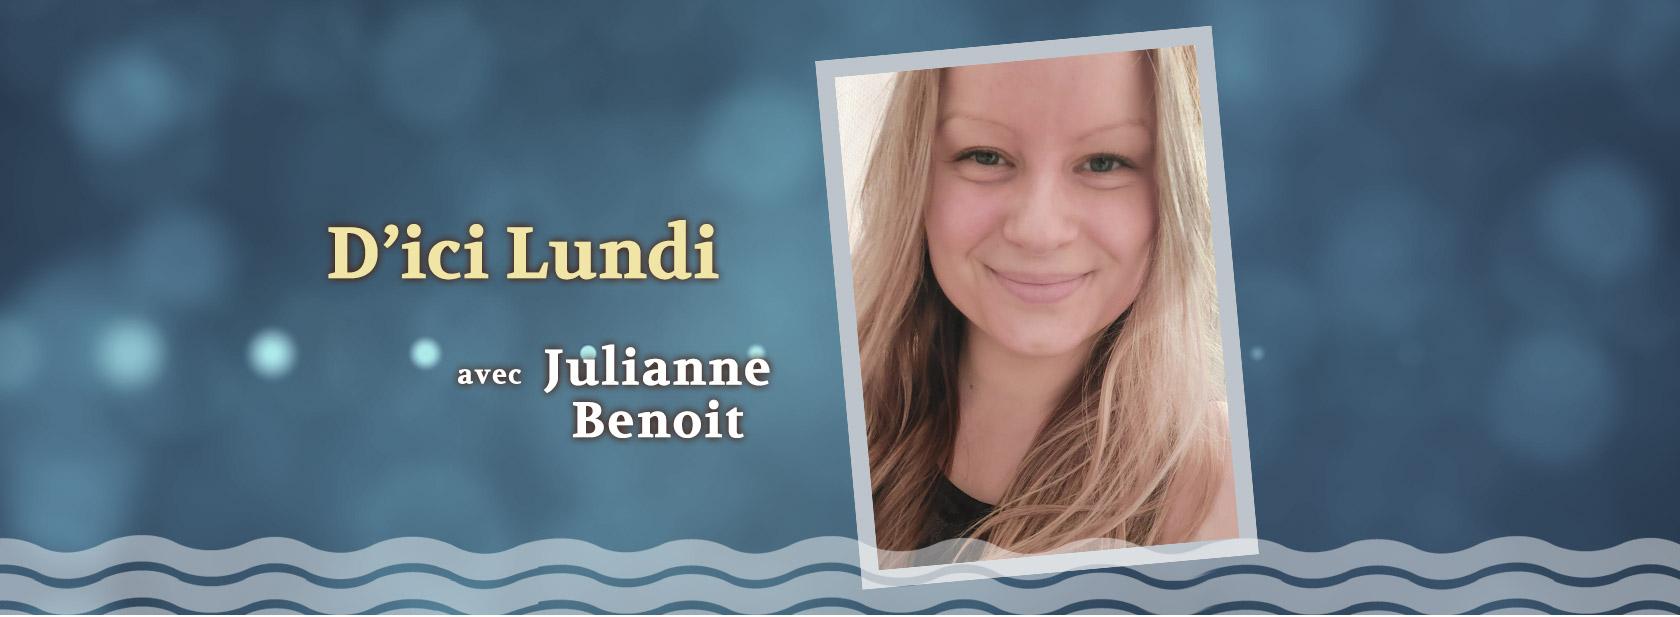 Julianne Benoita CKRO